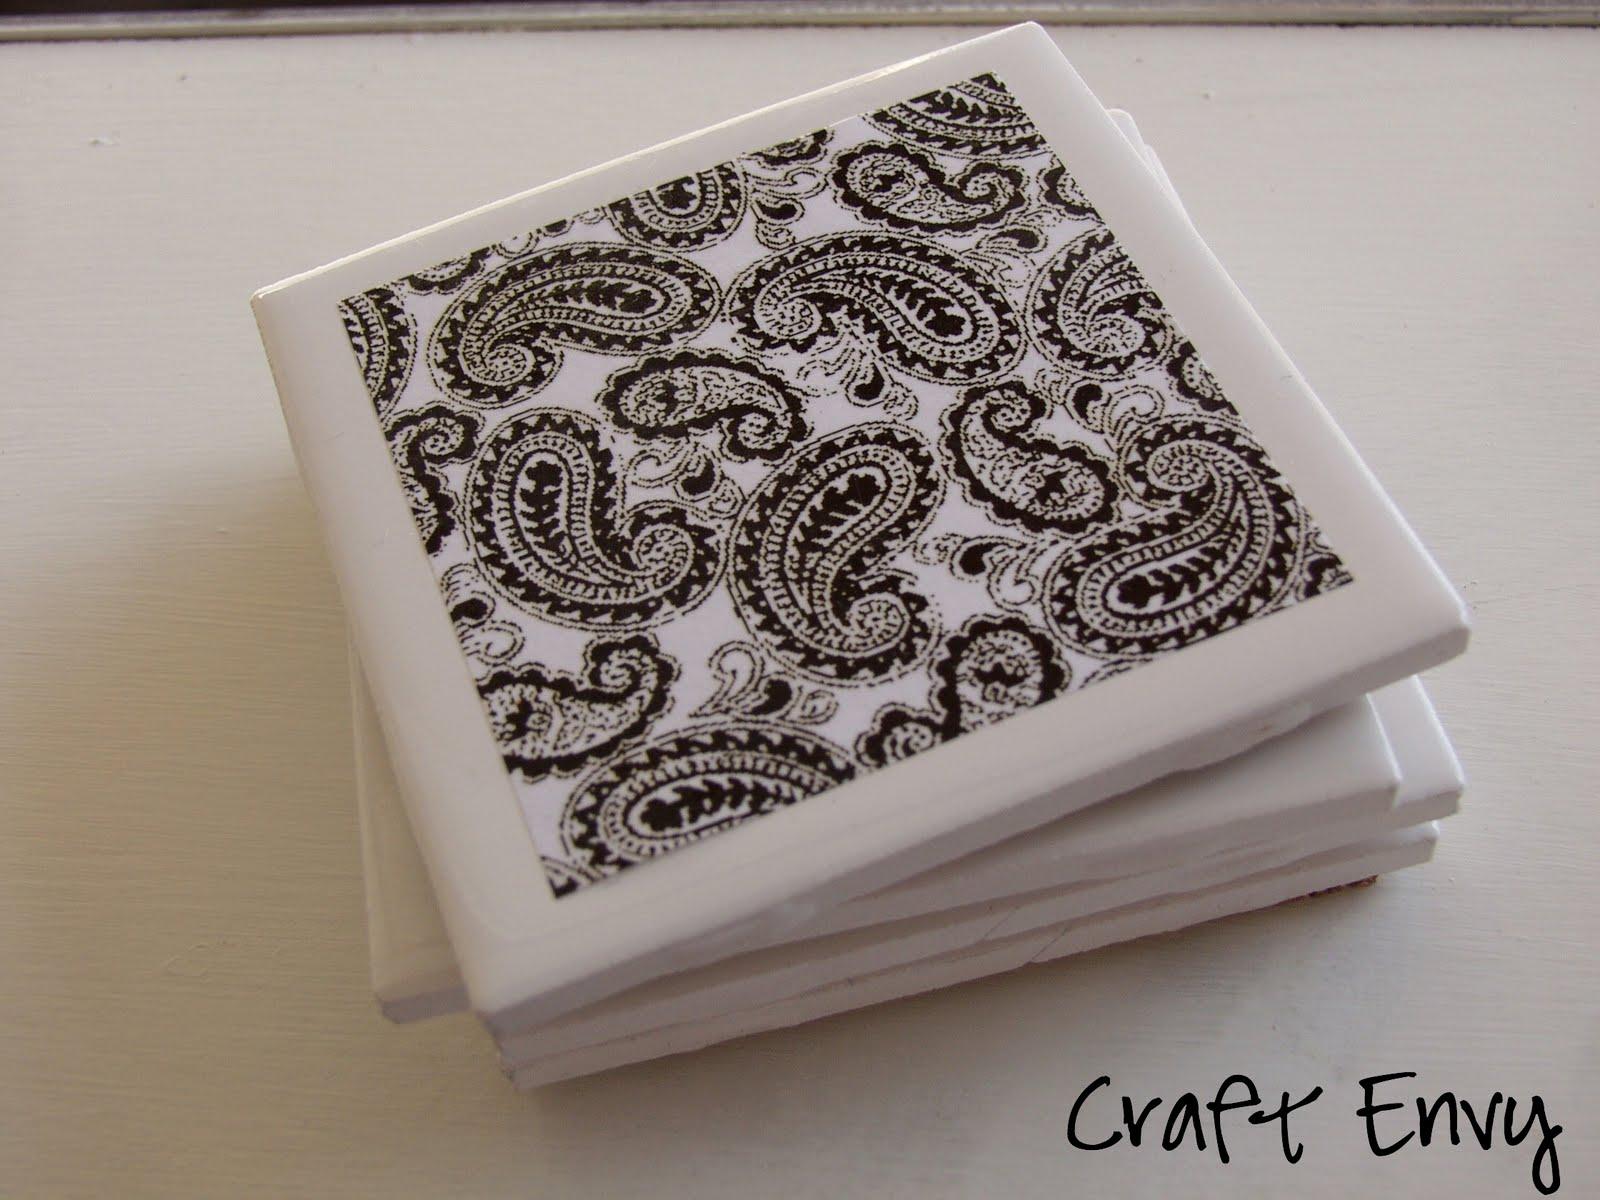 Craft envy simple ceramic coasters for Ceramic tile craft ideas